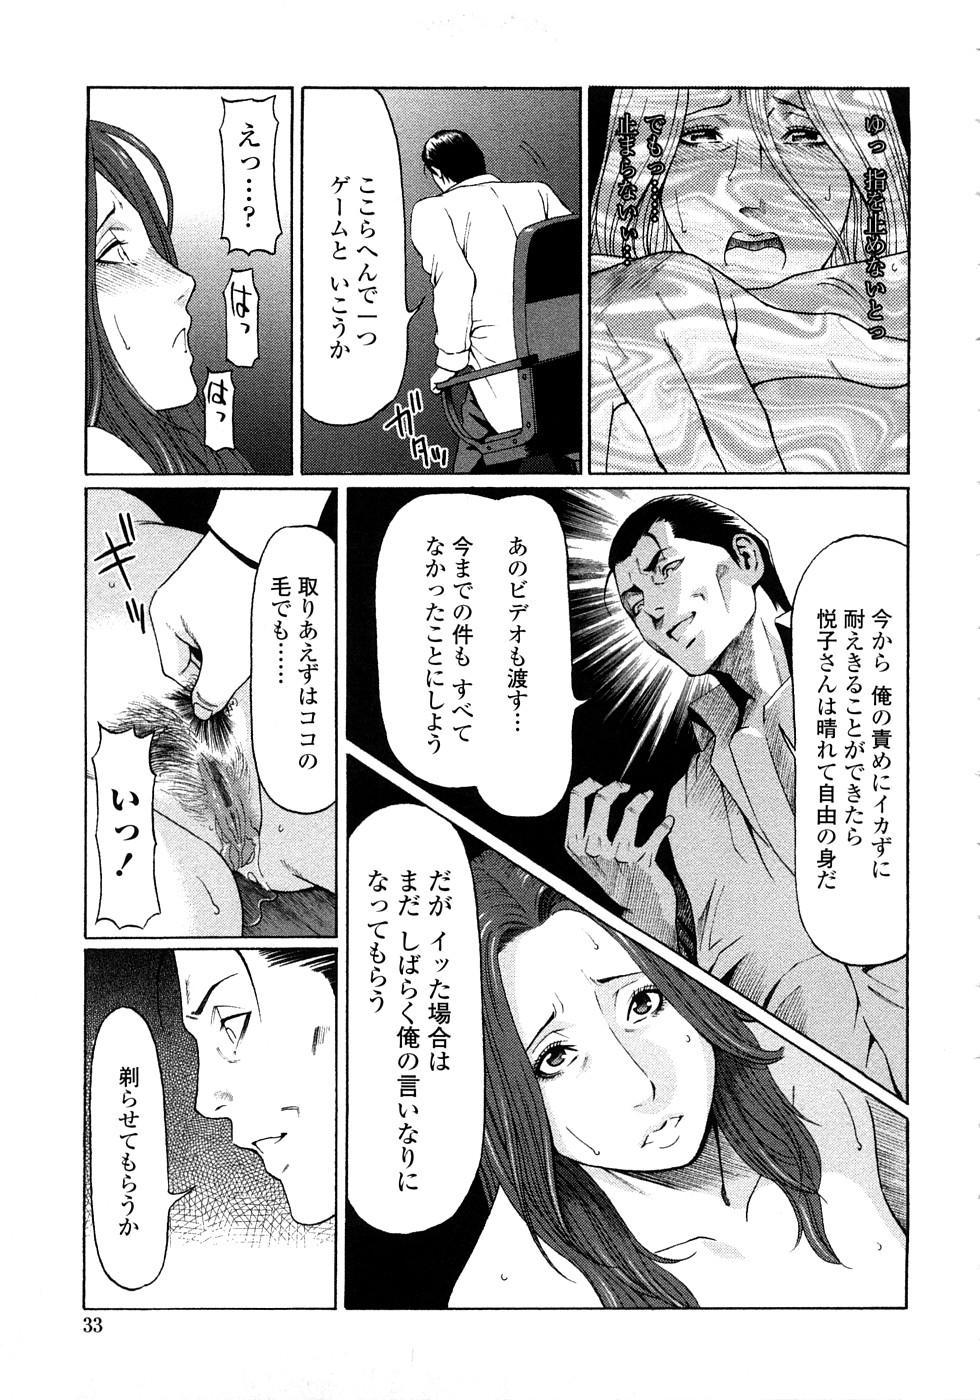 Etsuraku no Tobira - The Door of Sexual Pleasure 31